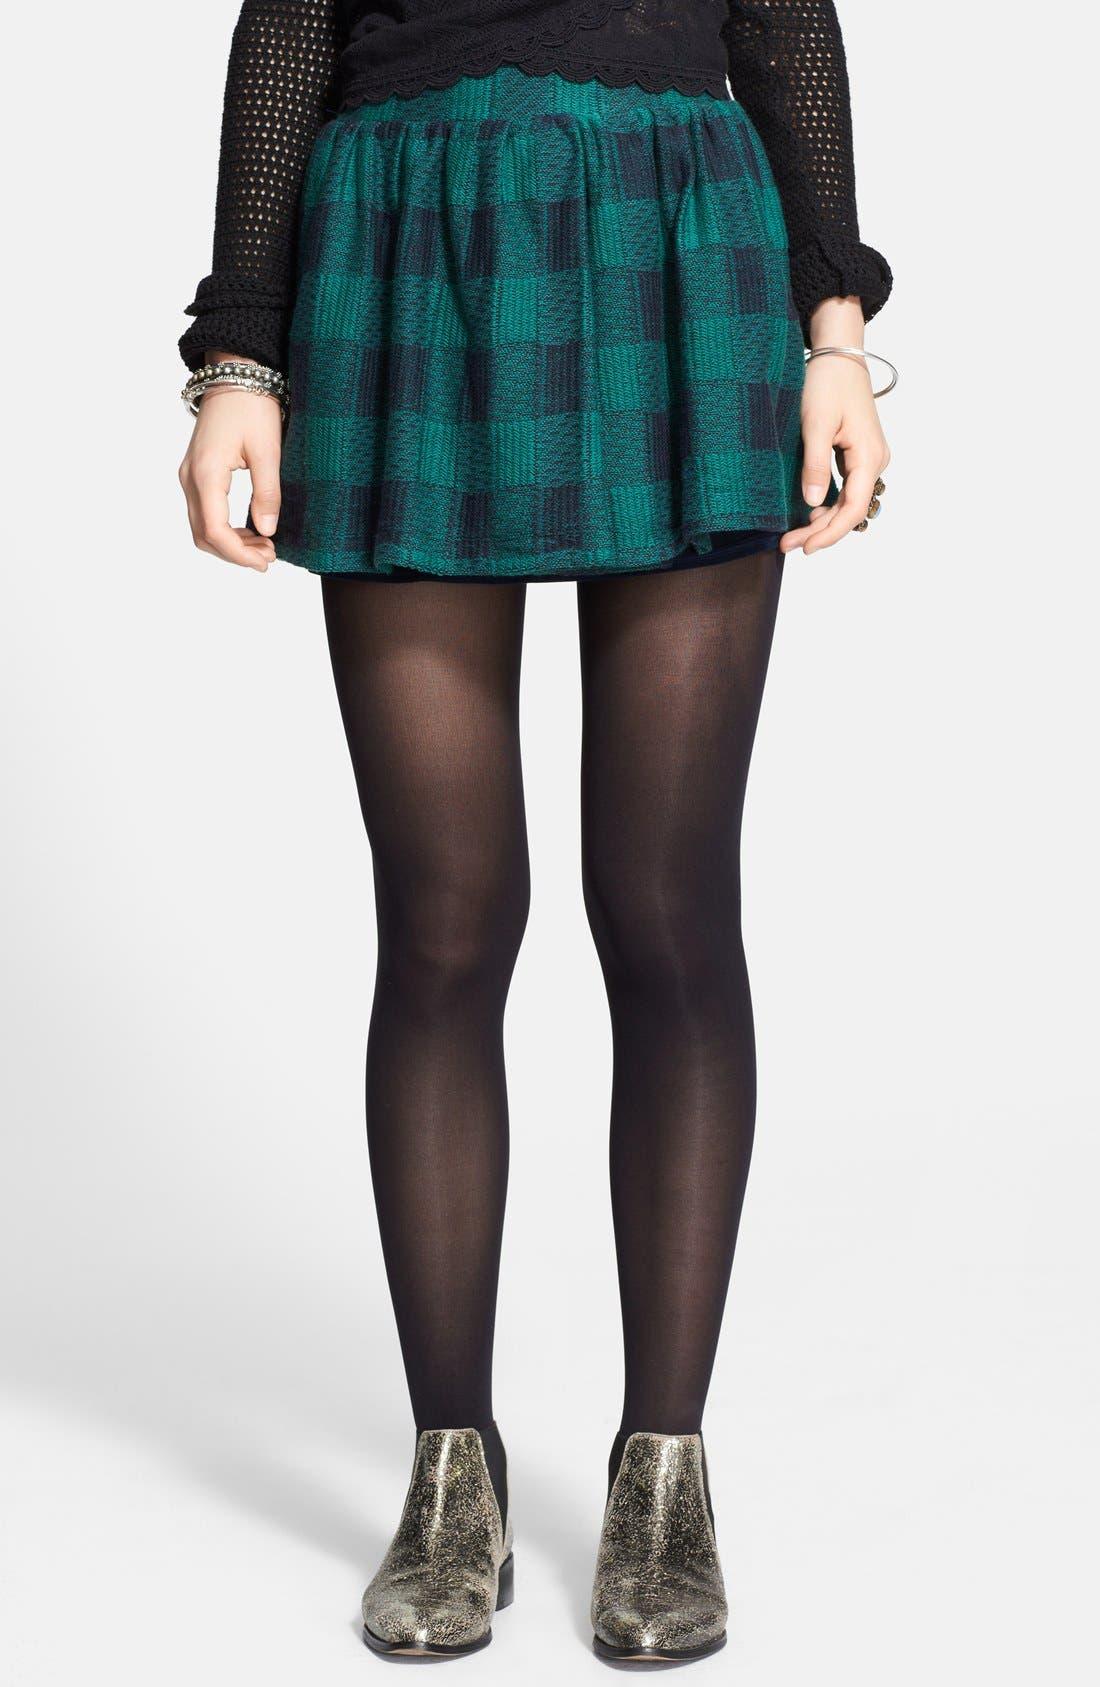 Alternate Image 1 Selected - Free People Plaid Flared Miniskirt